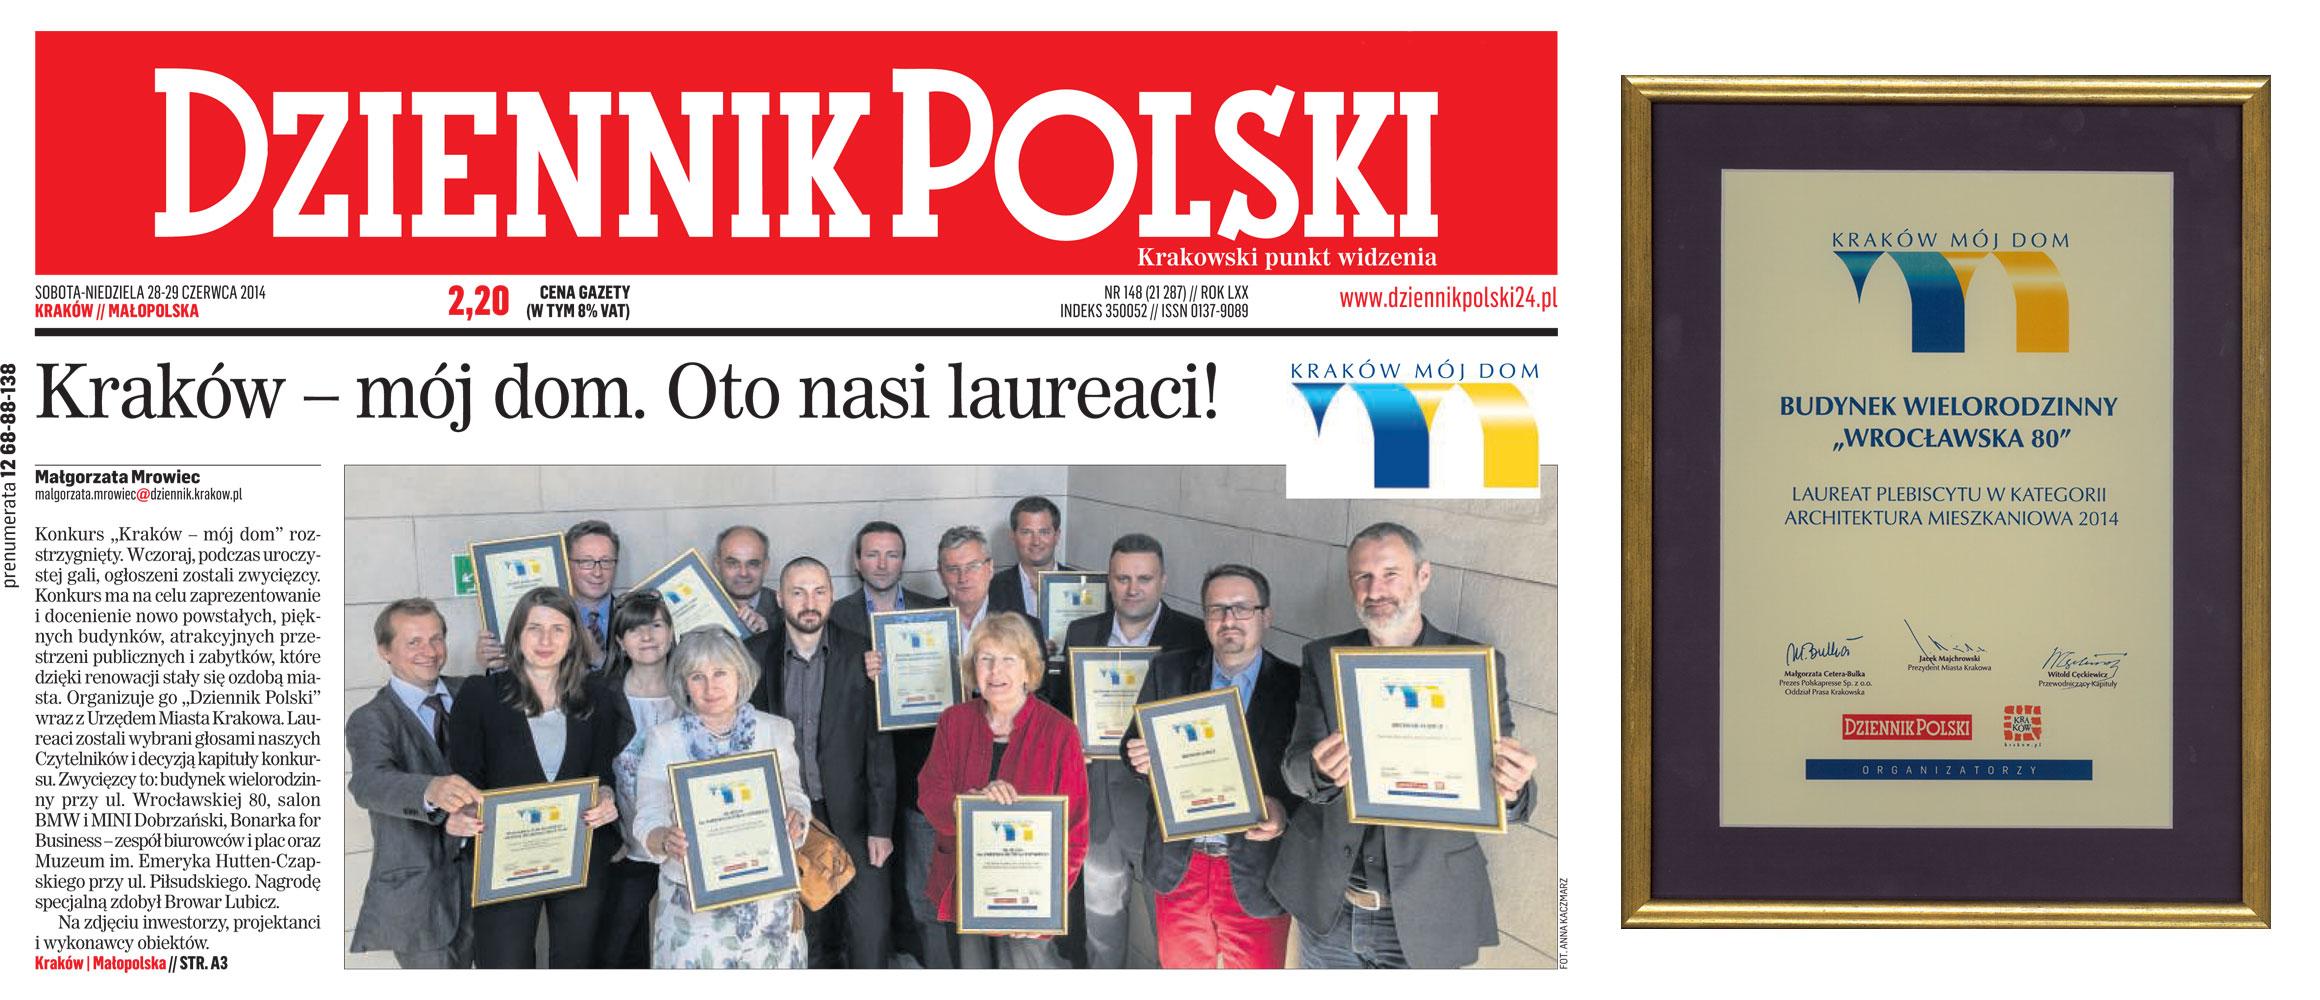 http://www.apa.pl:80/_editors/UserFiles/BLOG/krakow-moj-dom-dziennik-polski.jpg